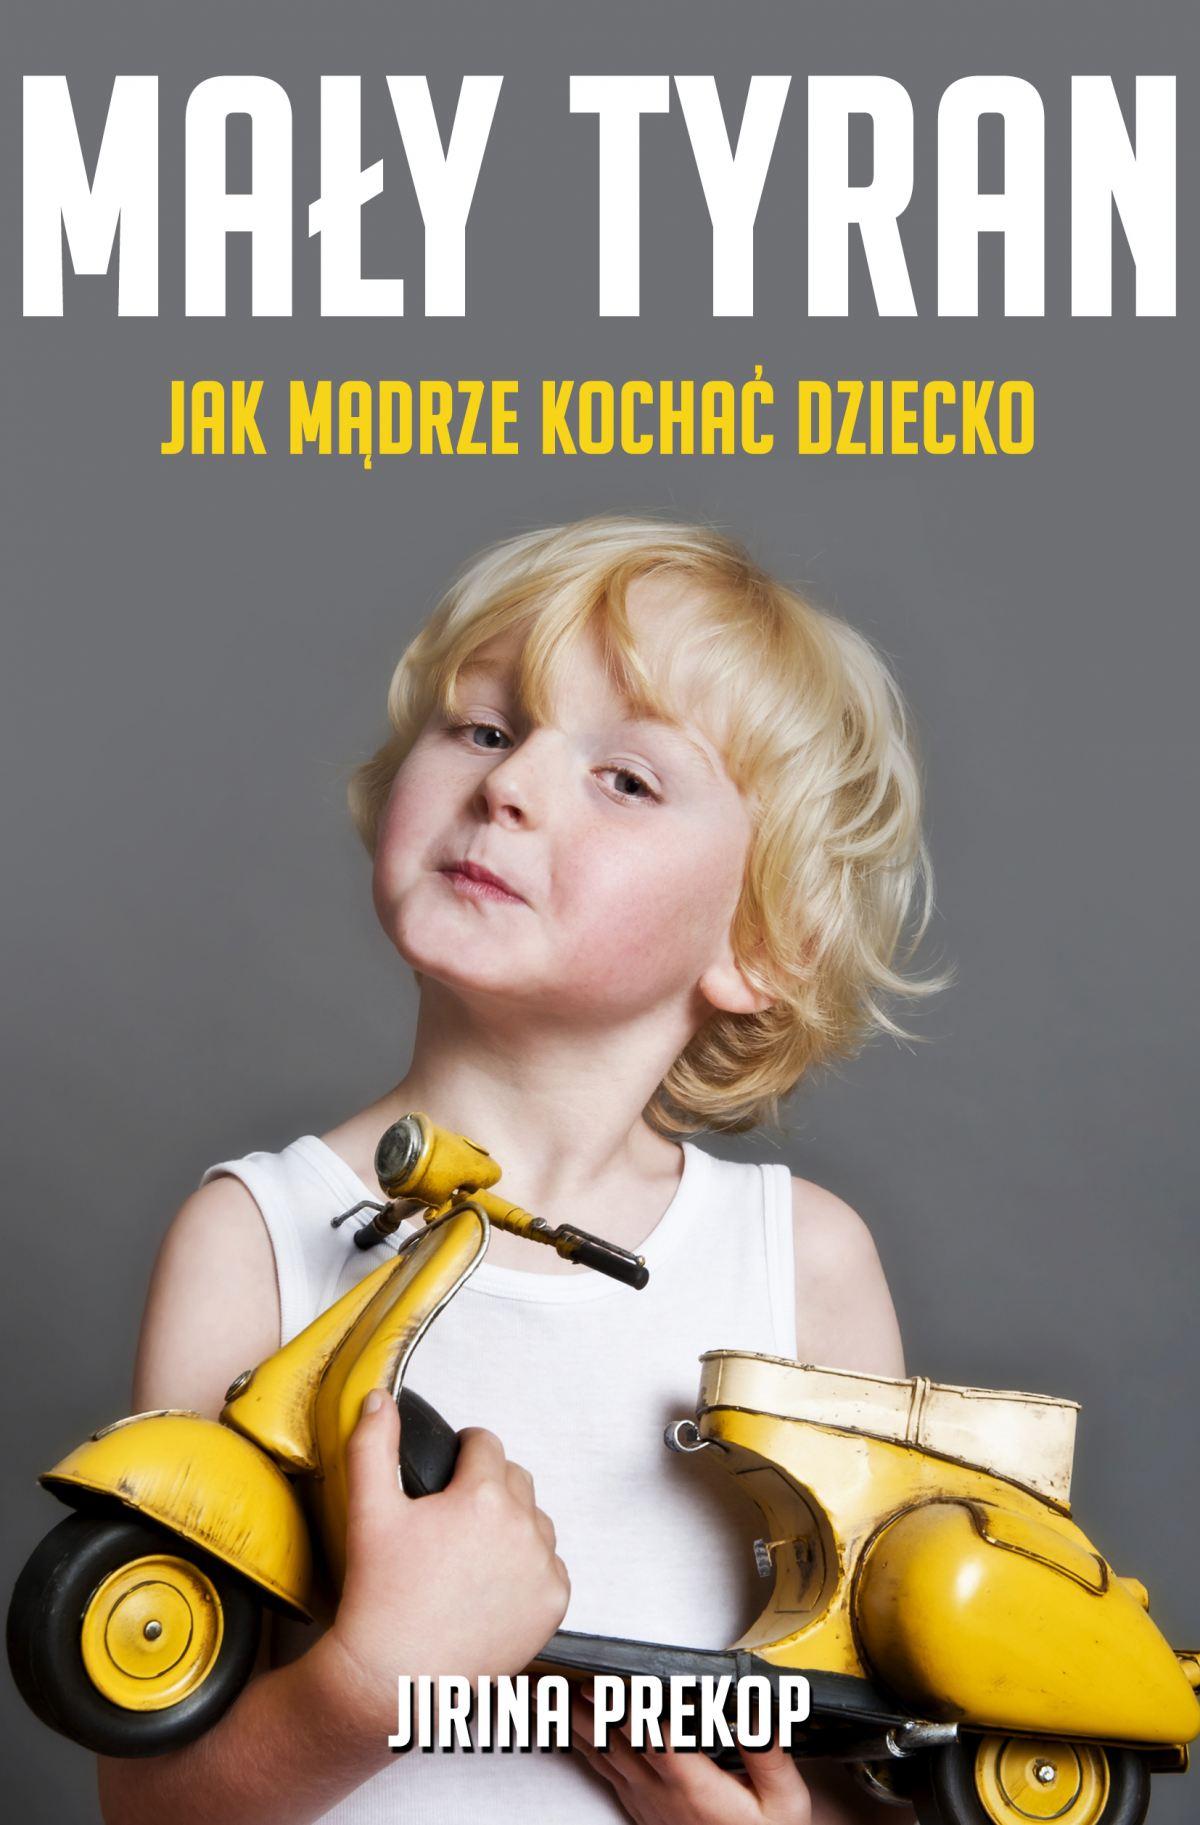 Mały tyran. Jak mądrze kochać dziecko - Ebook (Książka na Kindle) do pobrania w formacie MOBI